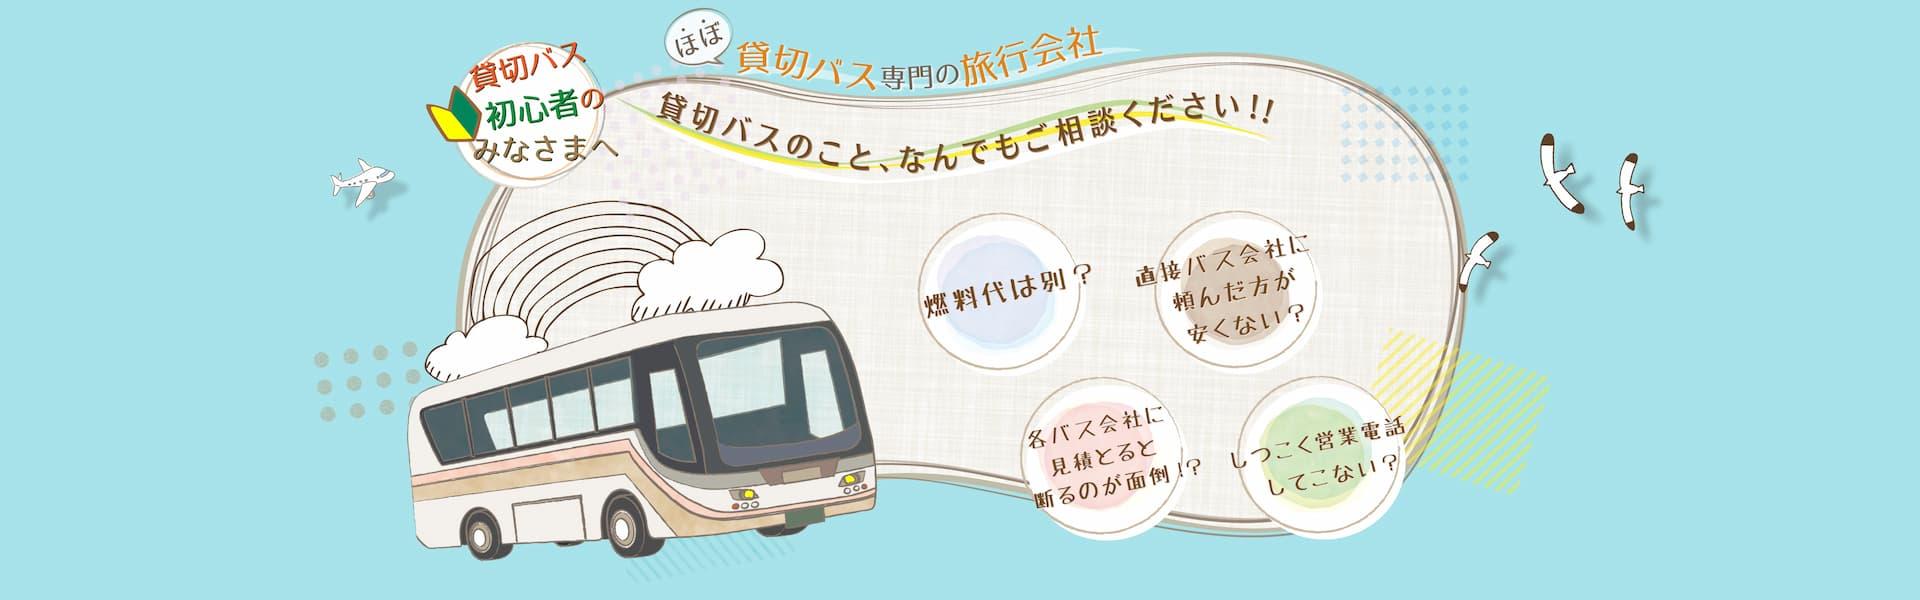 貸切バス初心者のみなさまへ ほぼ貸切バス専門の旅行会社 貸切バスのこと、なんでもご相談ください!! 私達がお手伝いします!